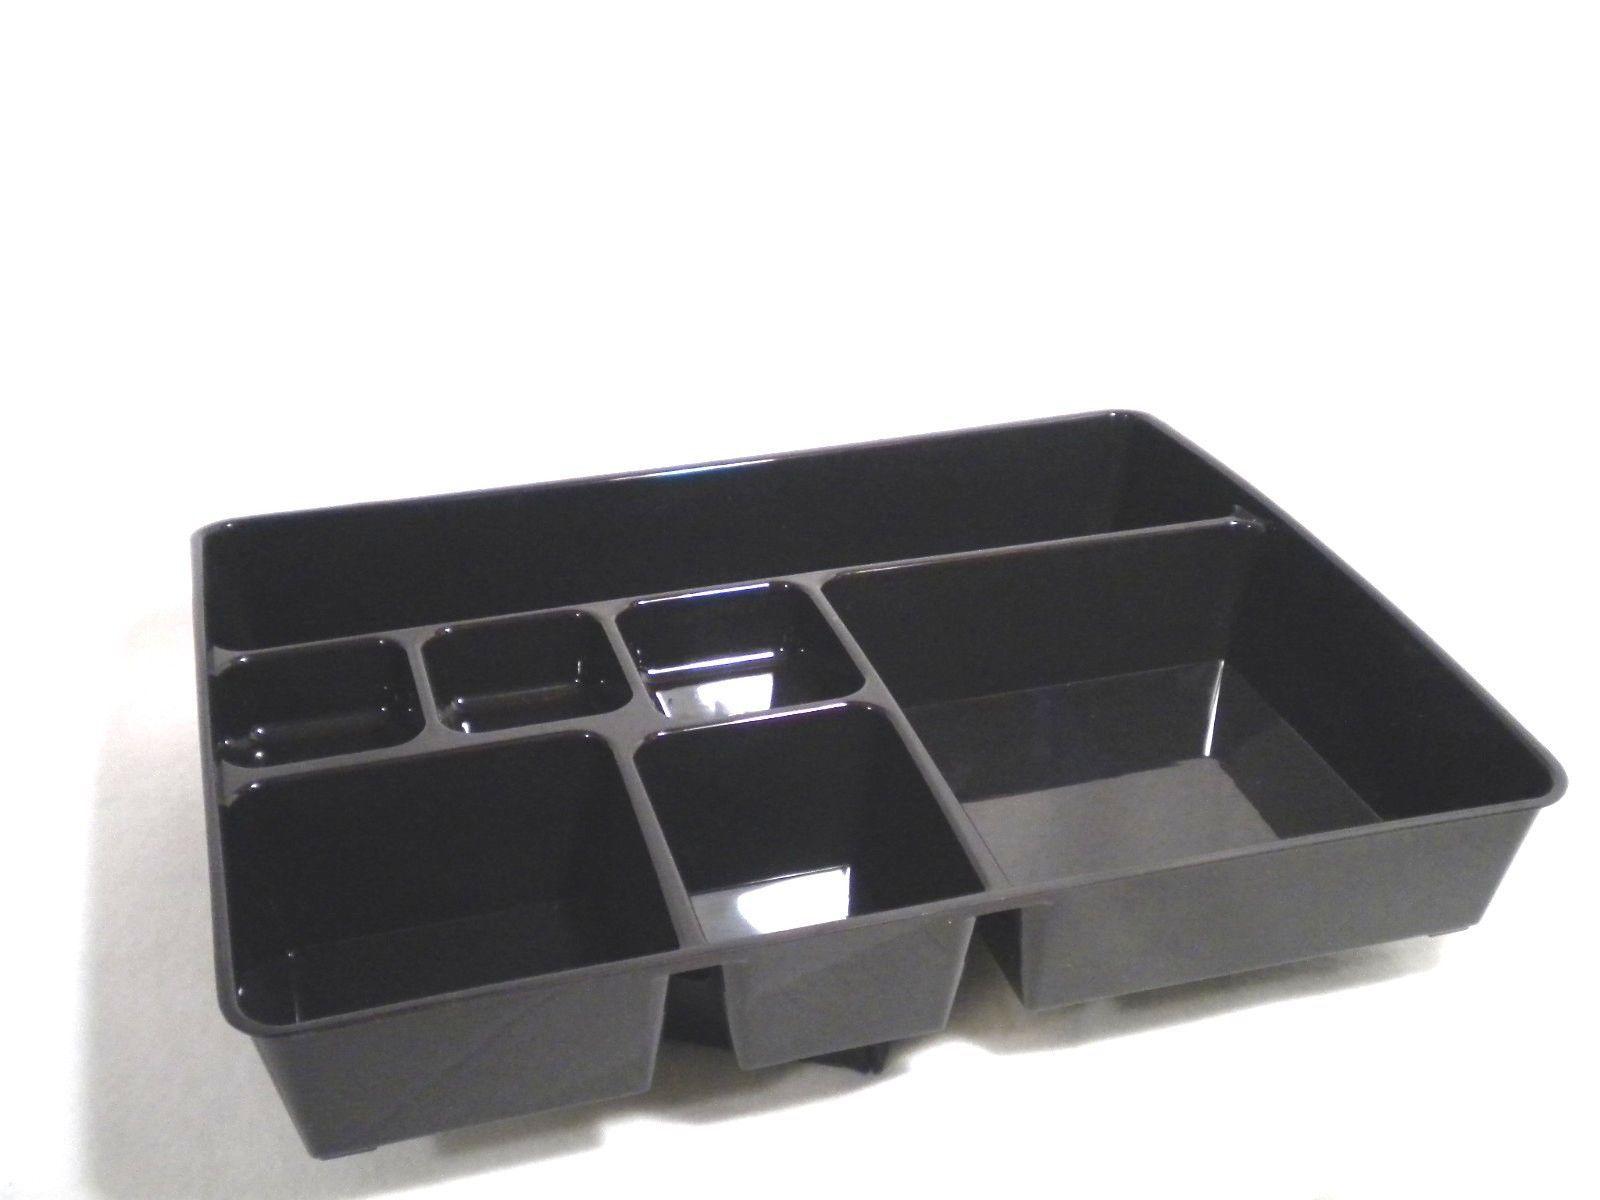 black 2 5 deep office desk drawer organizer tray desk. Black Bedroom Furniture Sets. Home Design Ideas